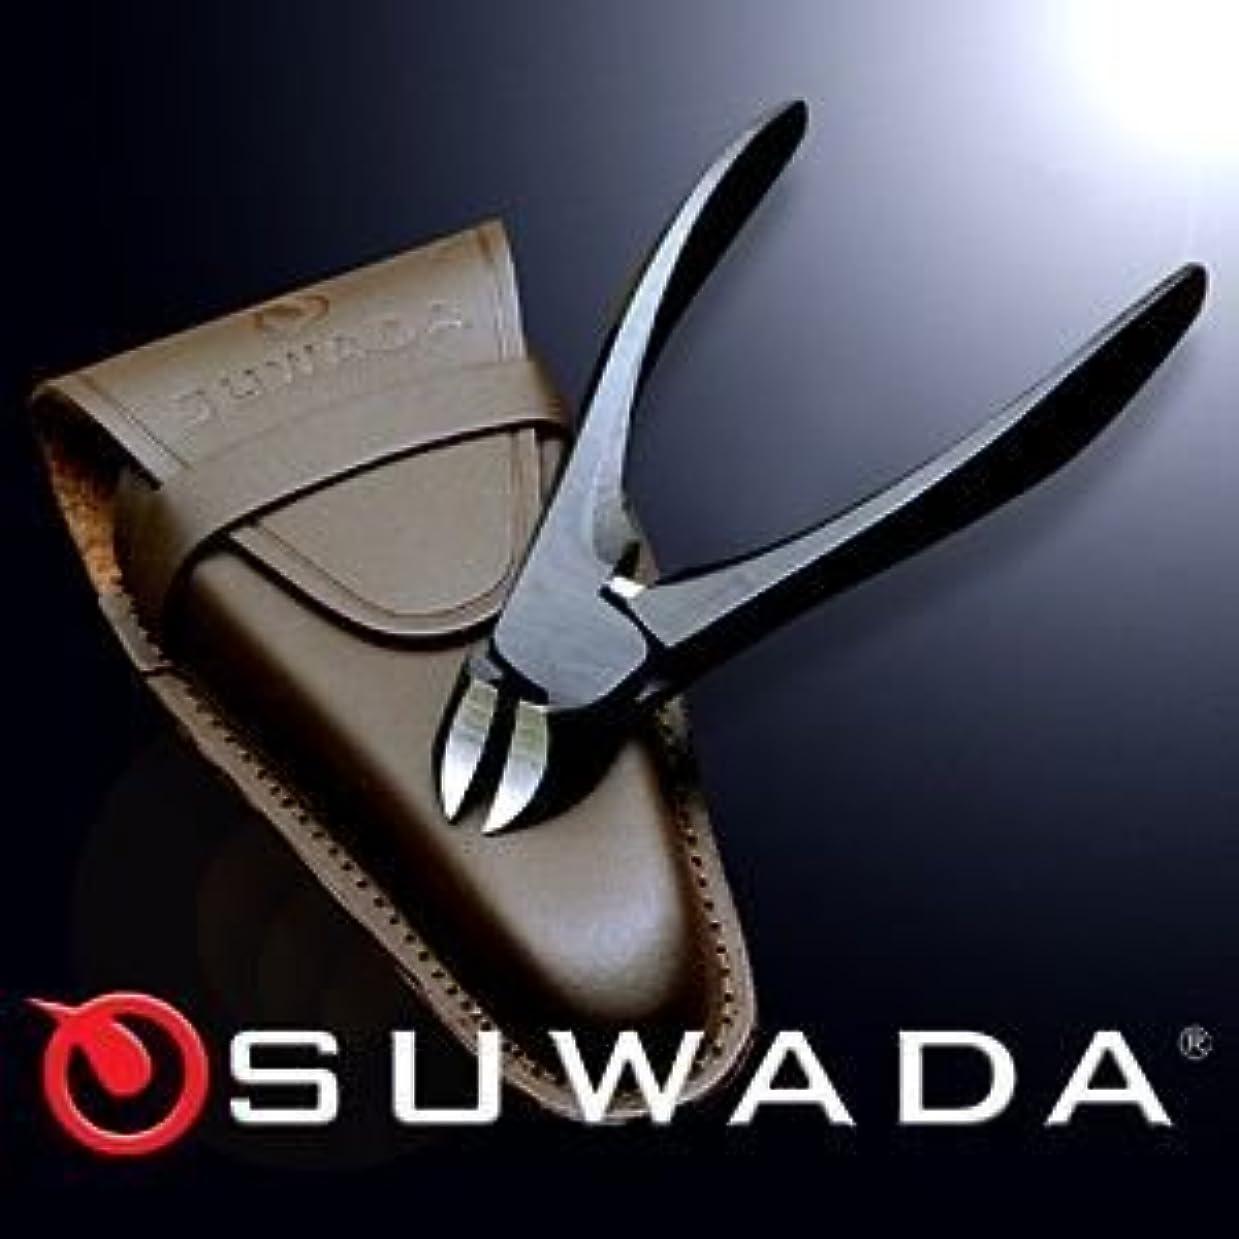 滅多ボリューム刈り取るSUWADA爪切りブラックL&革ケースセット 特注モデル 諏訪田製作所製 スワダの爪切り